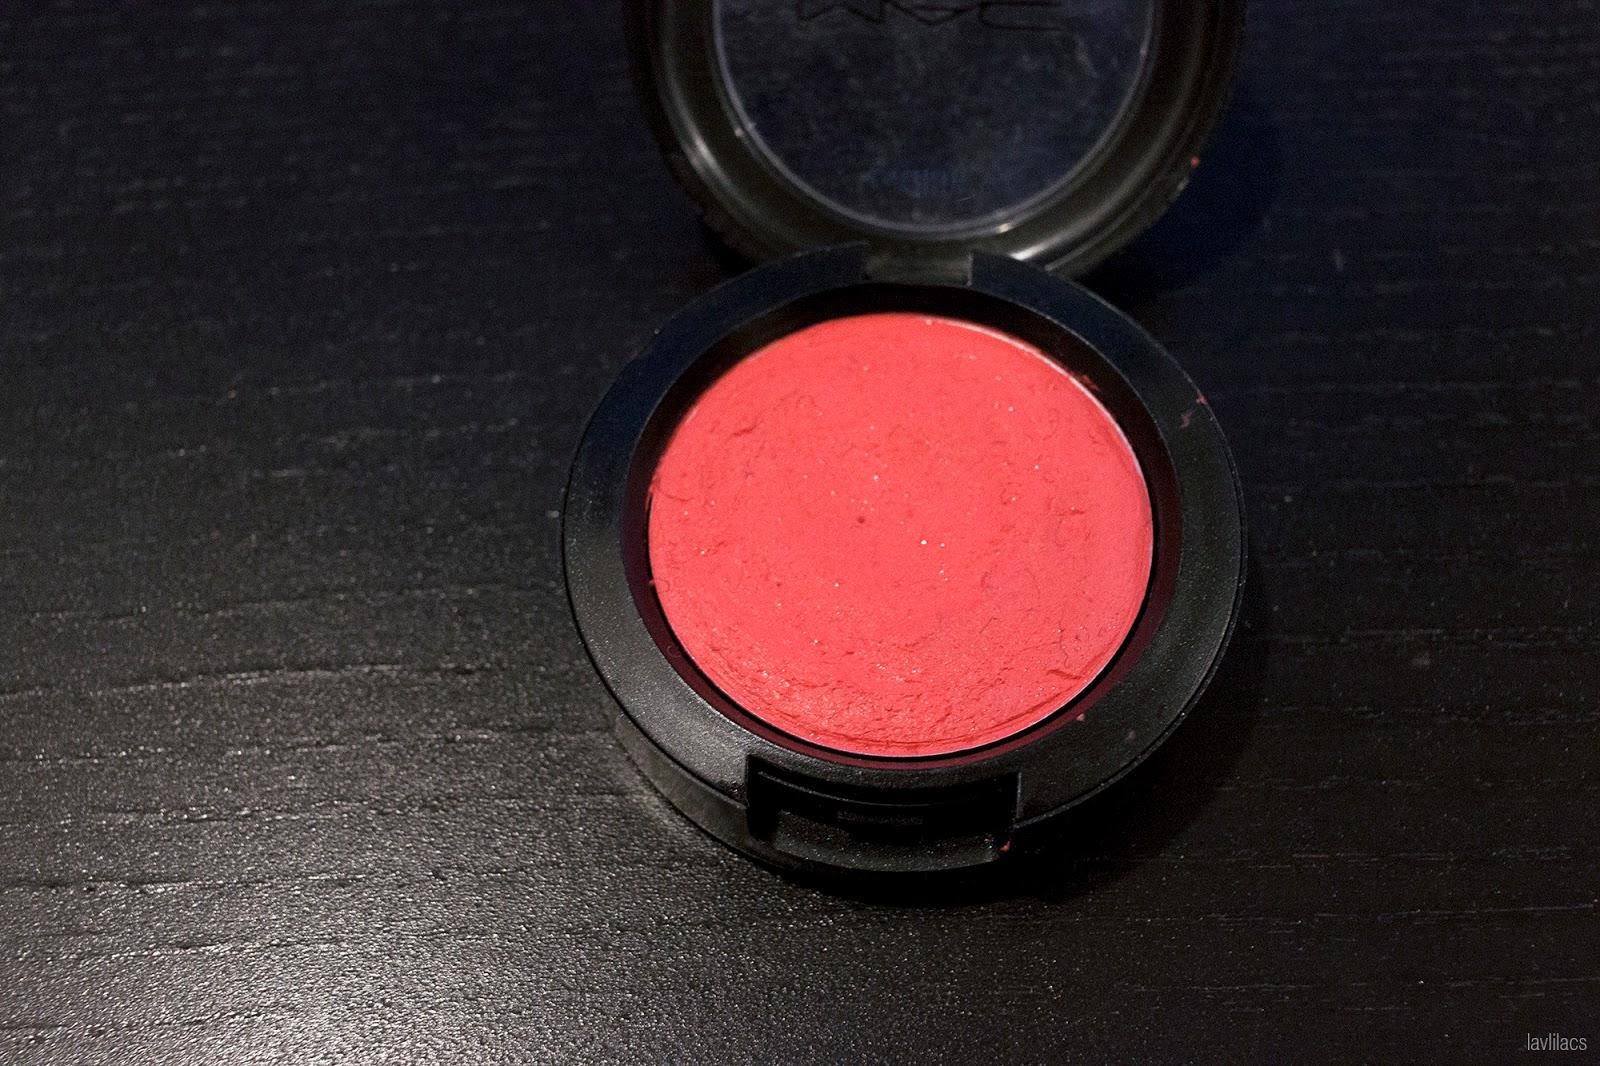 MAC, MAC Cream Colour Base, Virgin Isle, cream blush end results